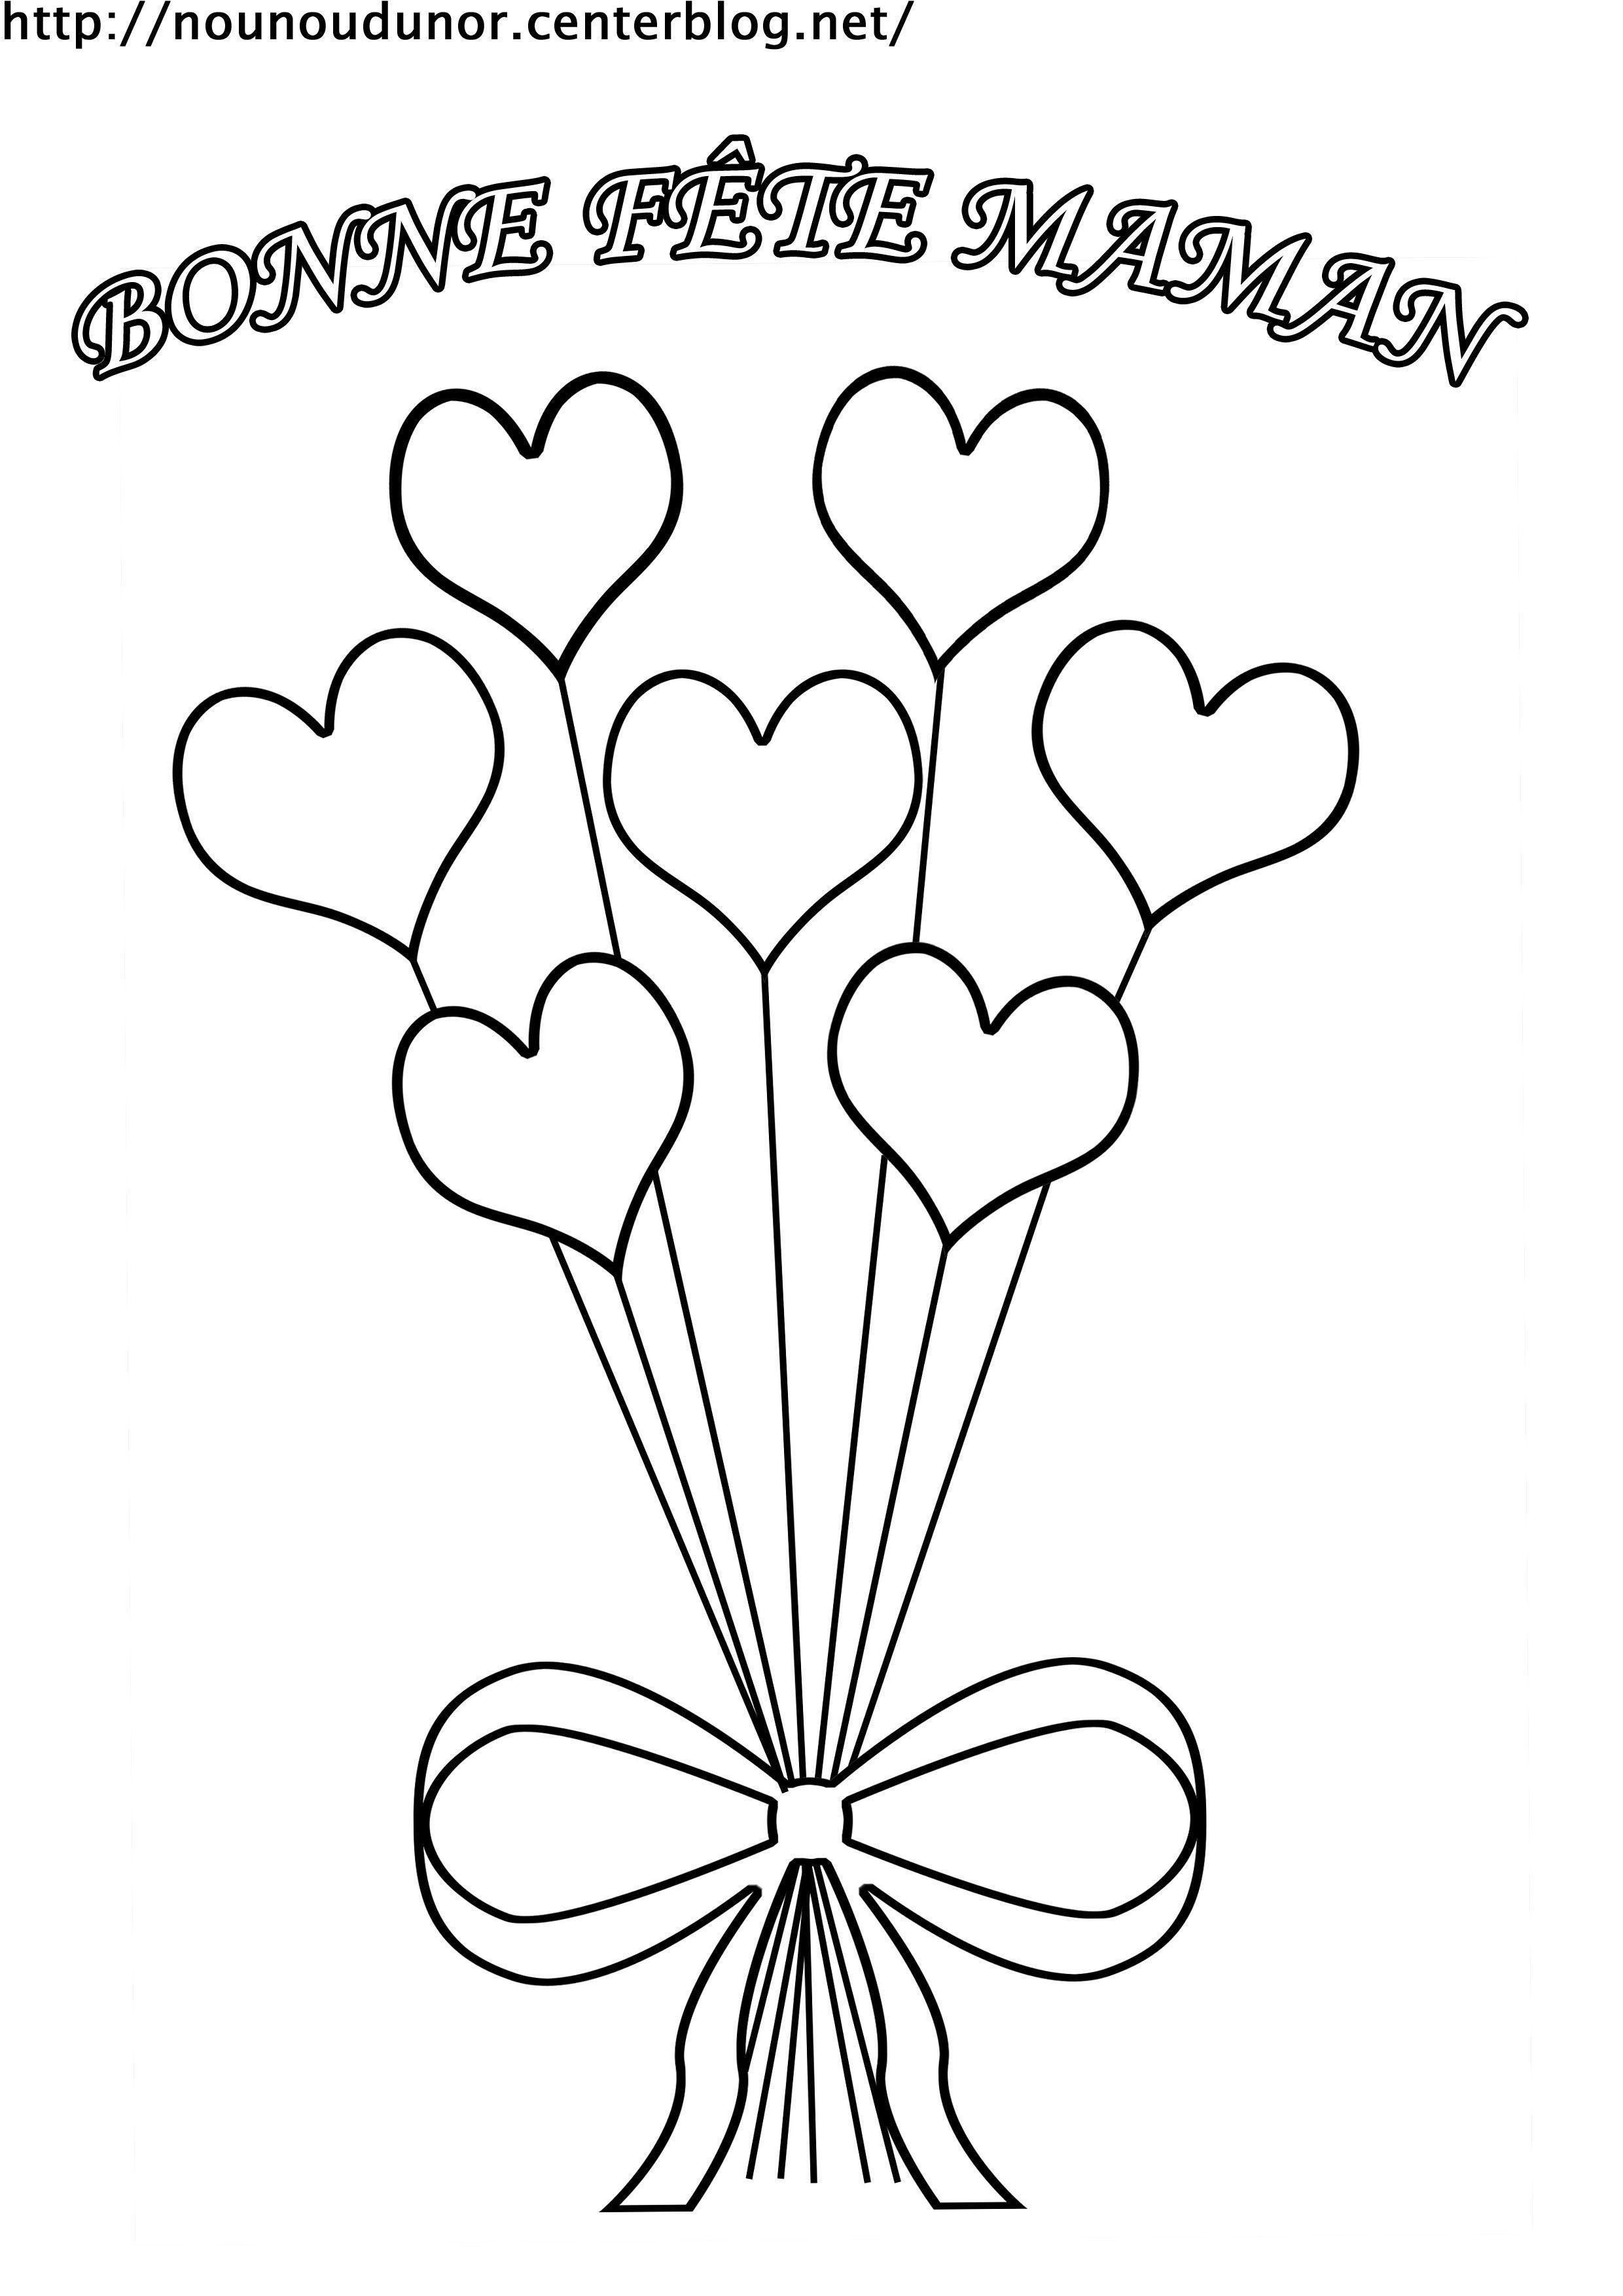 Coloriage Bouquet De Coeur Bonne Fête Maman destiné Dessin Anniversaire Maman